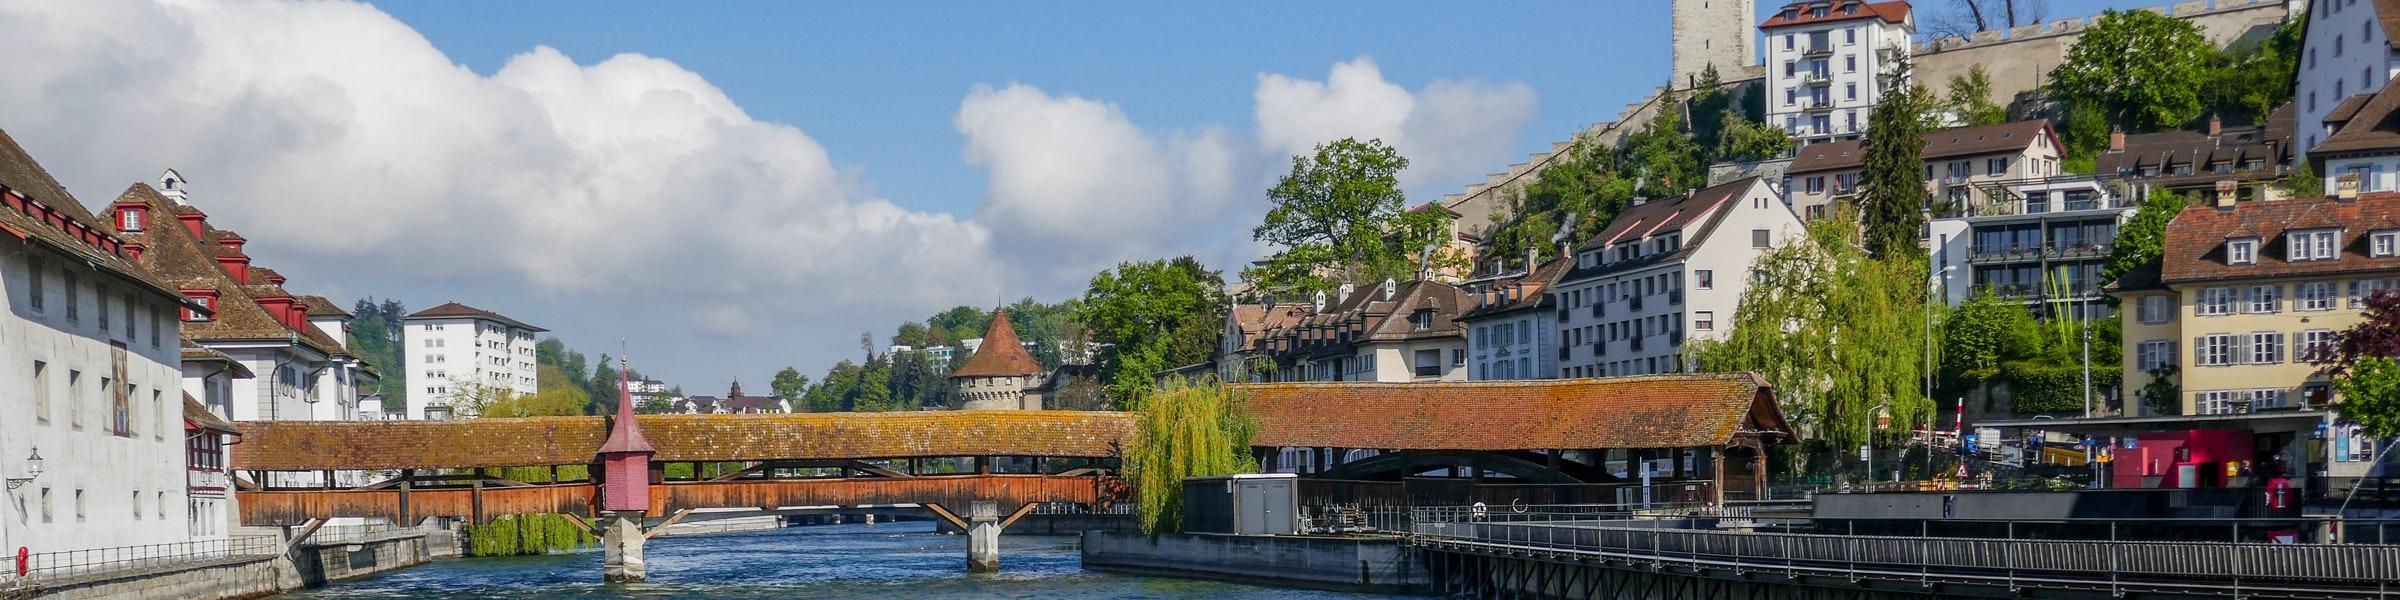 Lucerne Spreuerbrücke